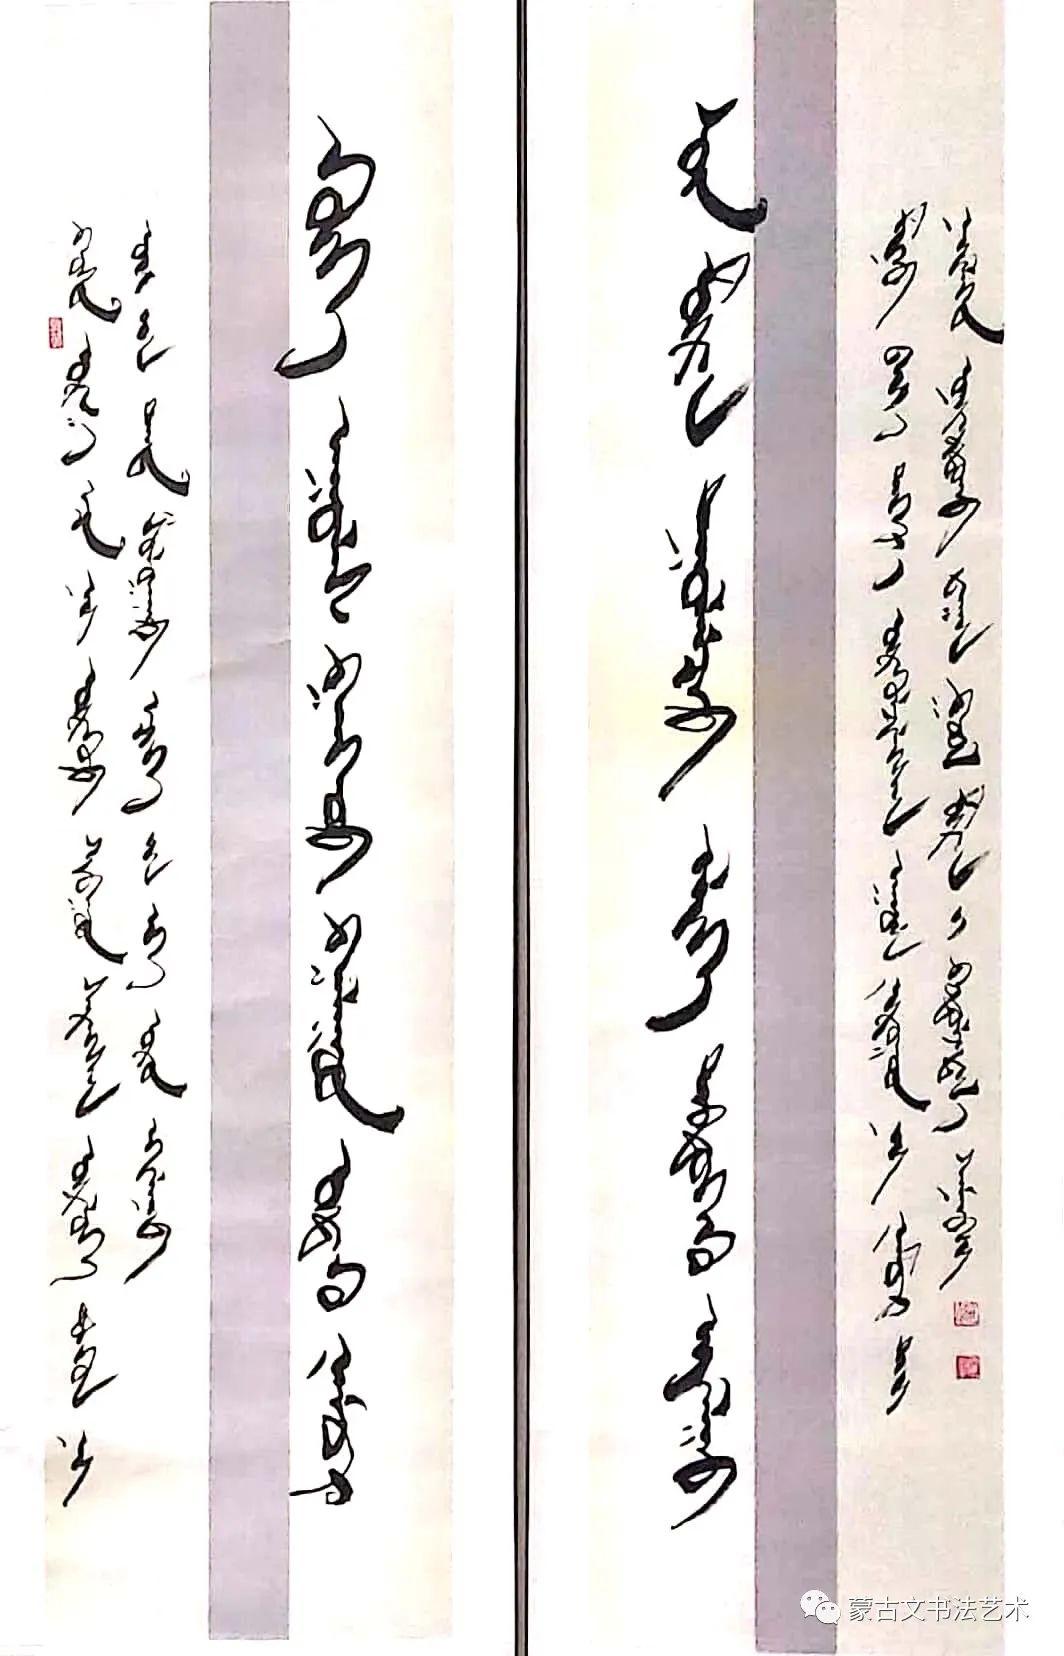 扎仁琴蒙古文书法 第20张